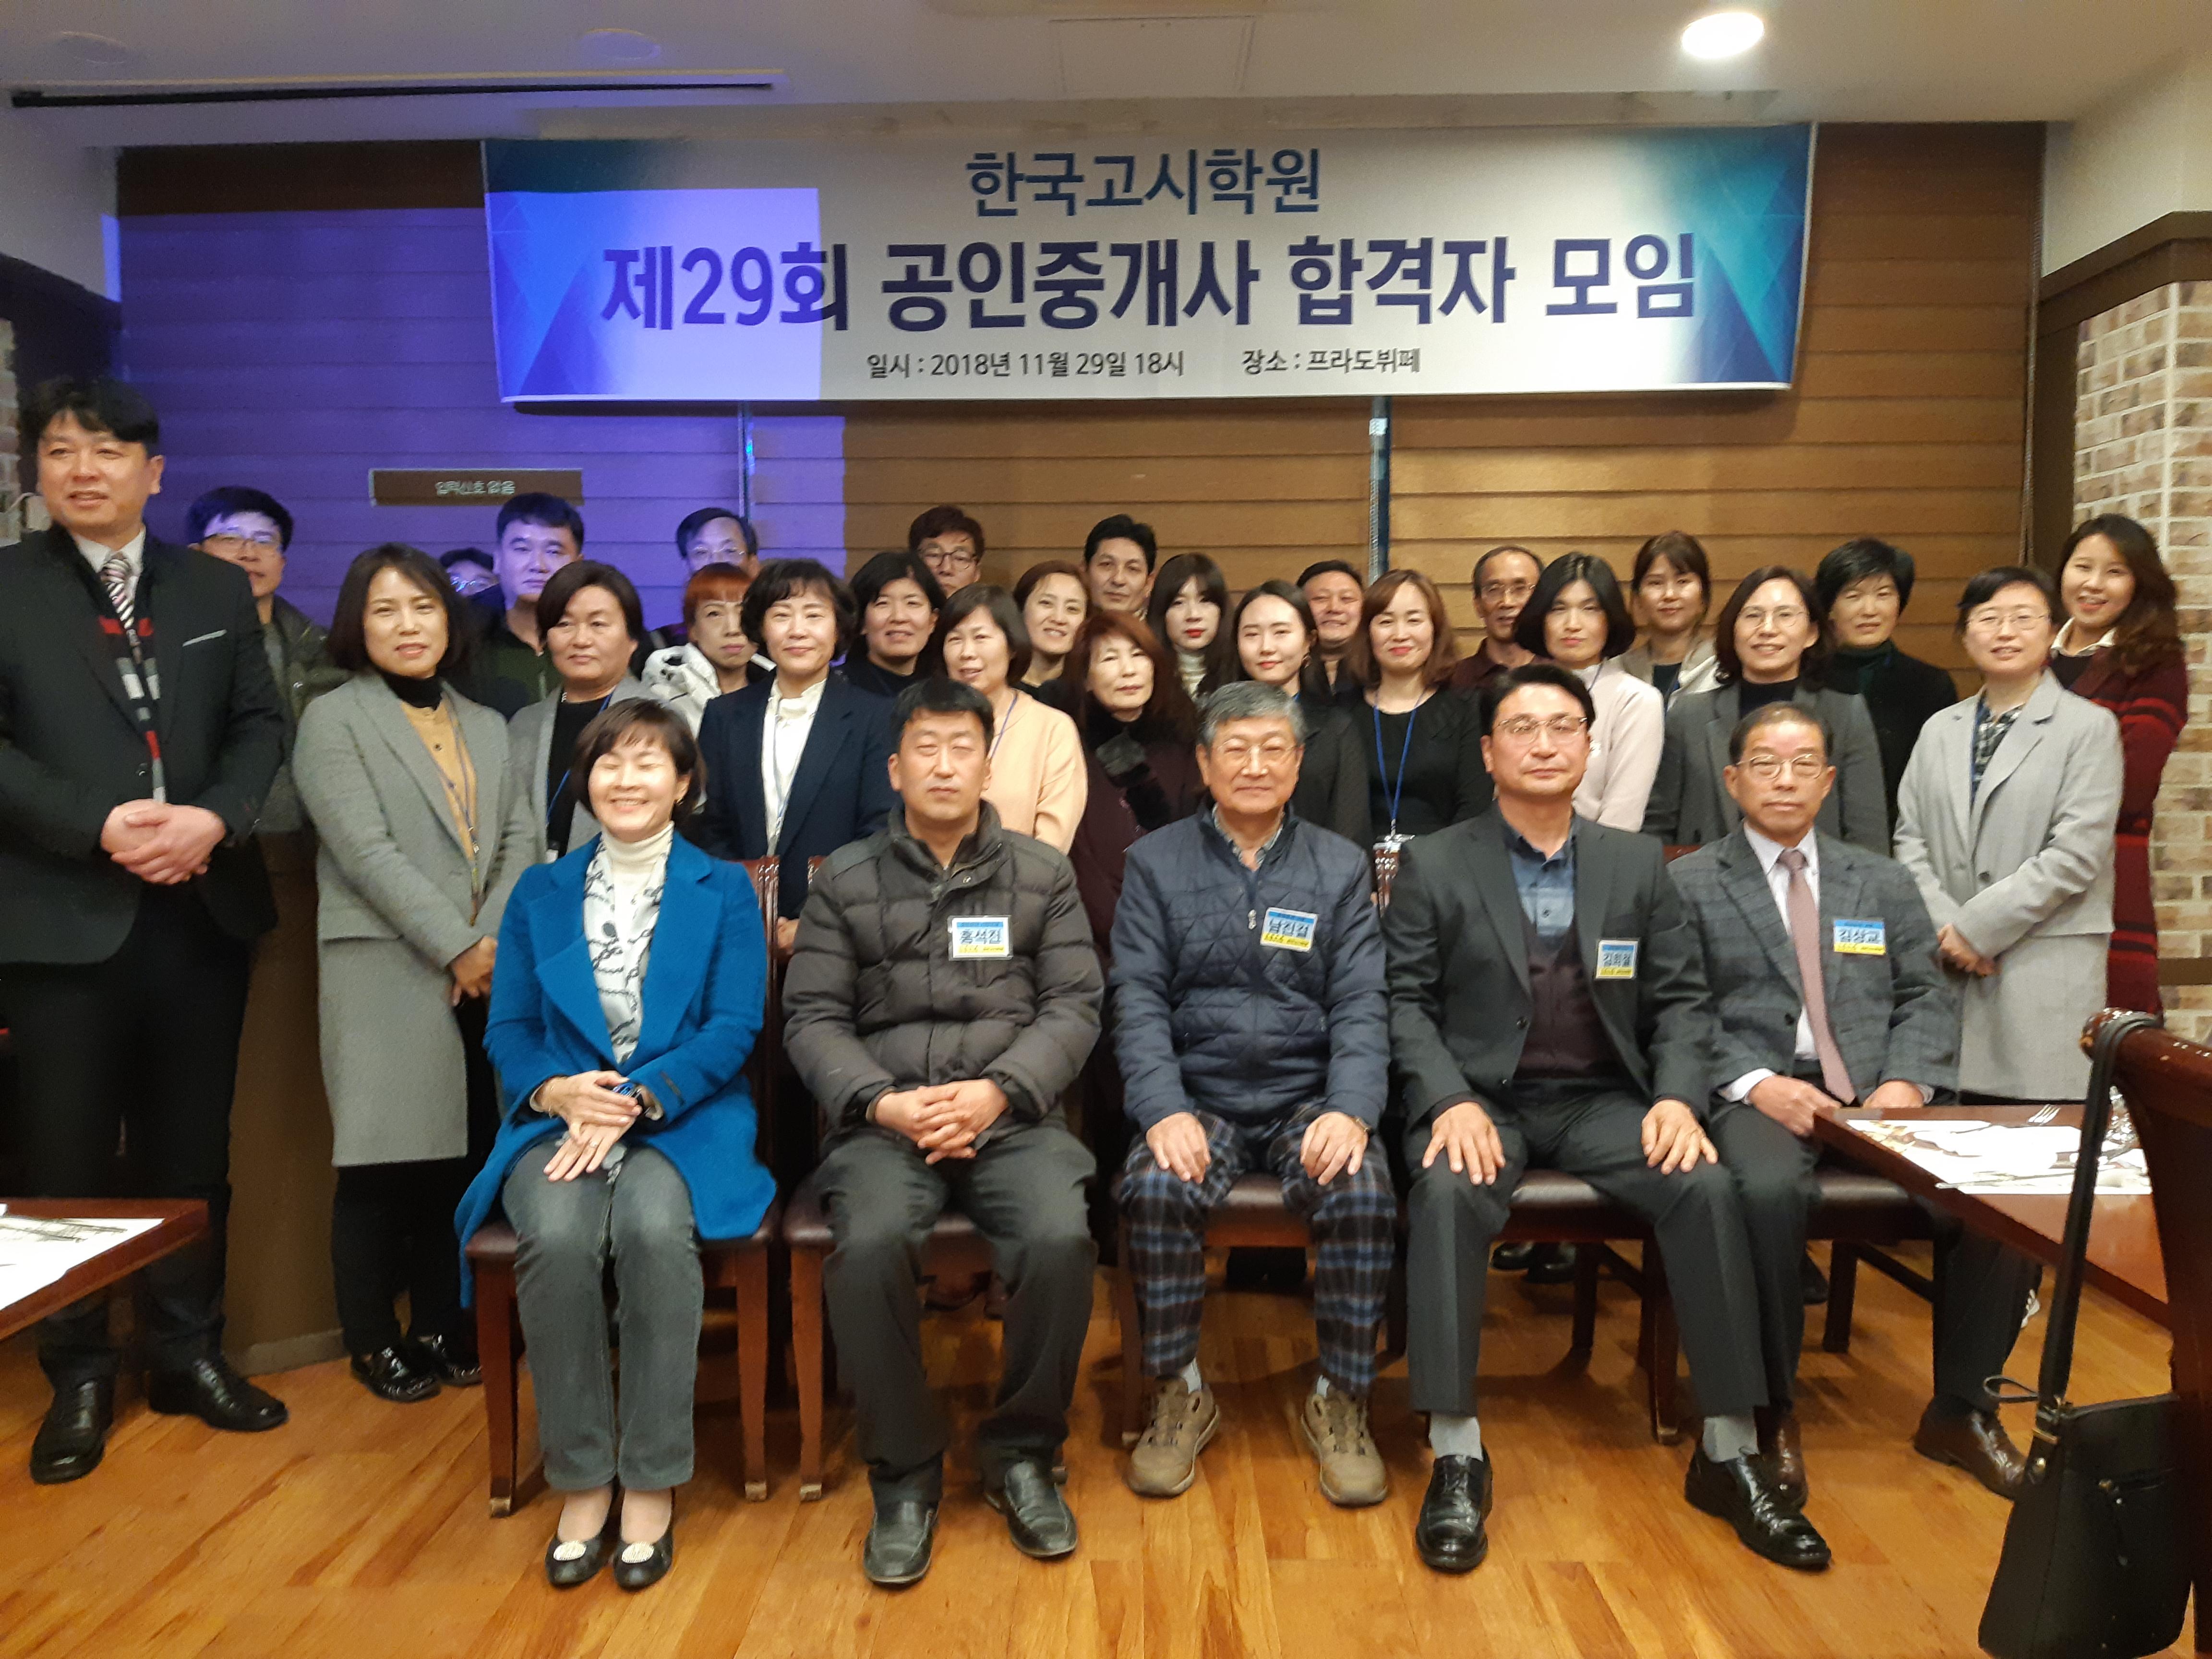 2018년 공인중개사 모임